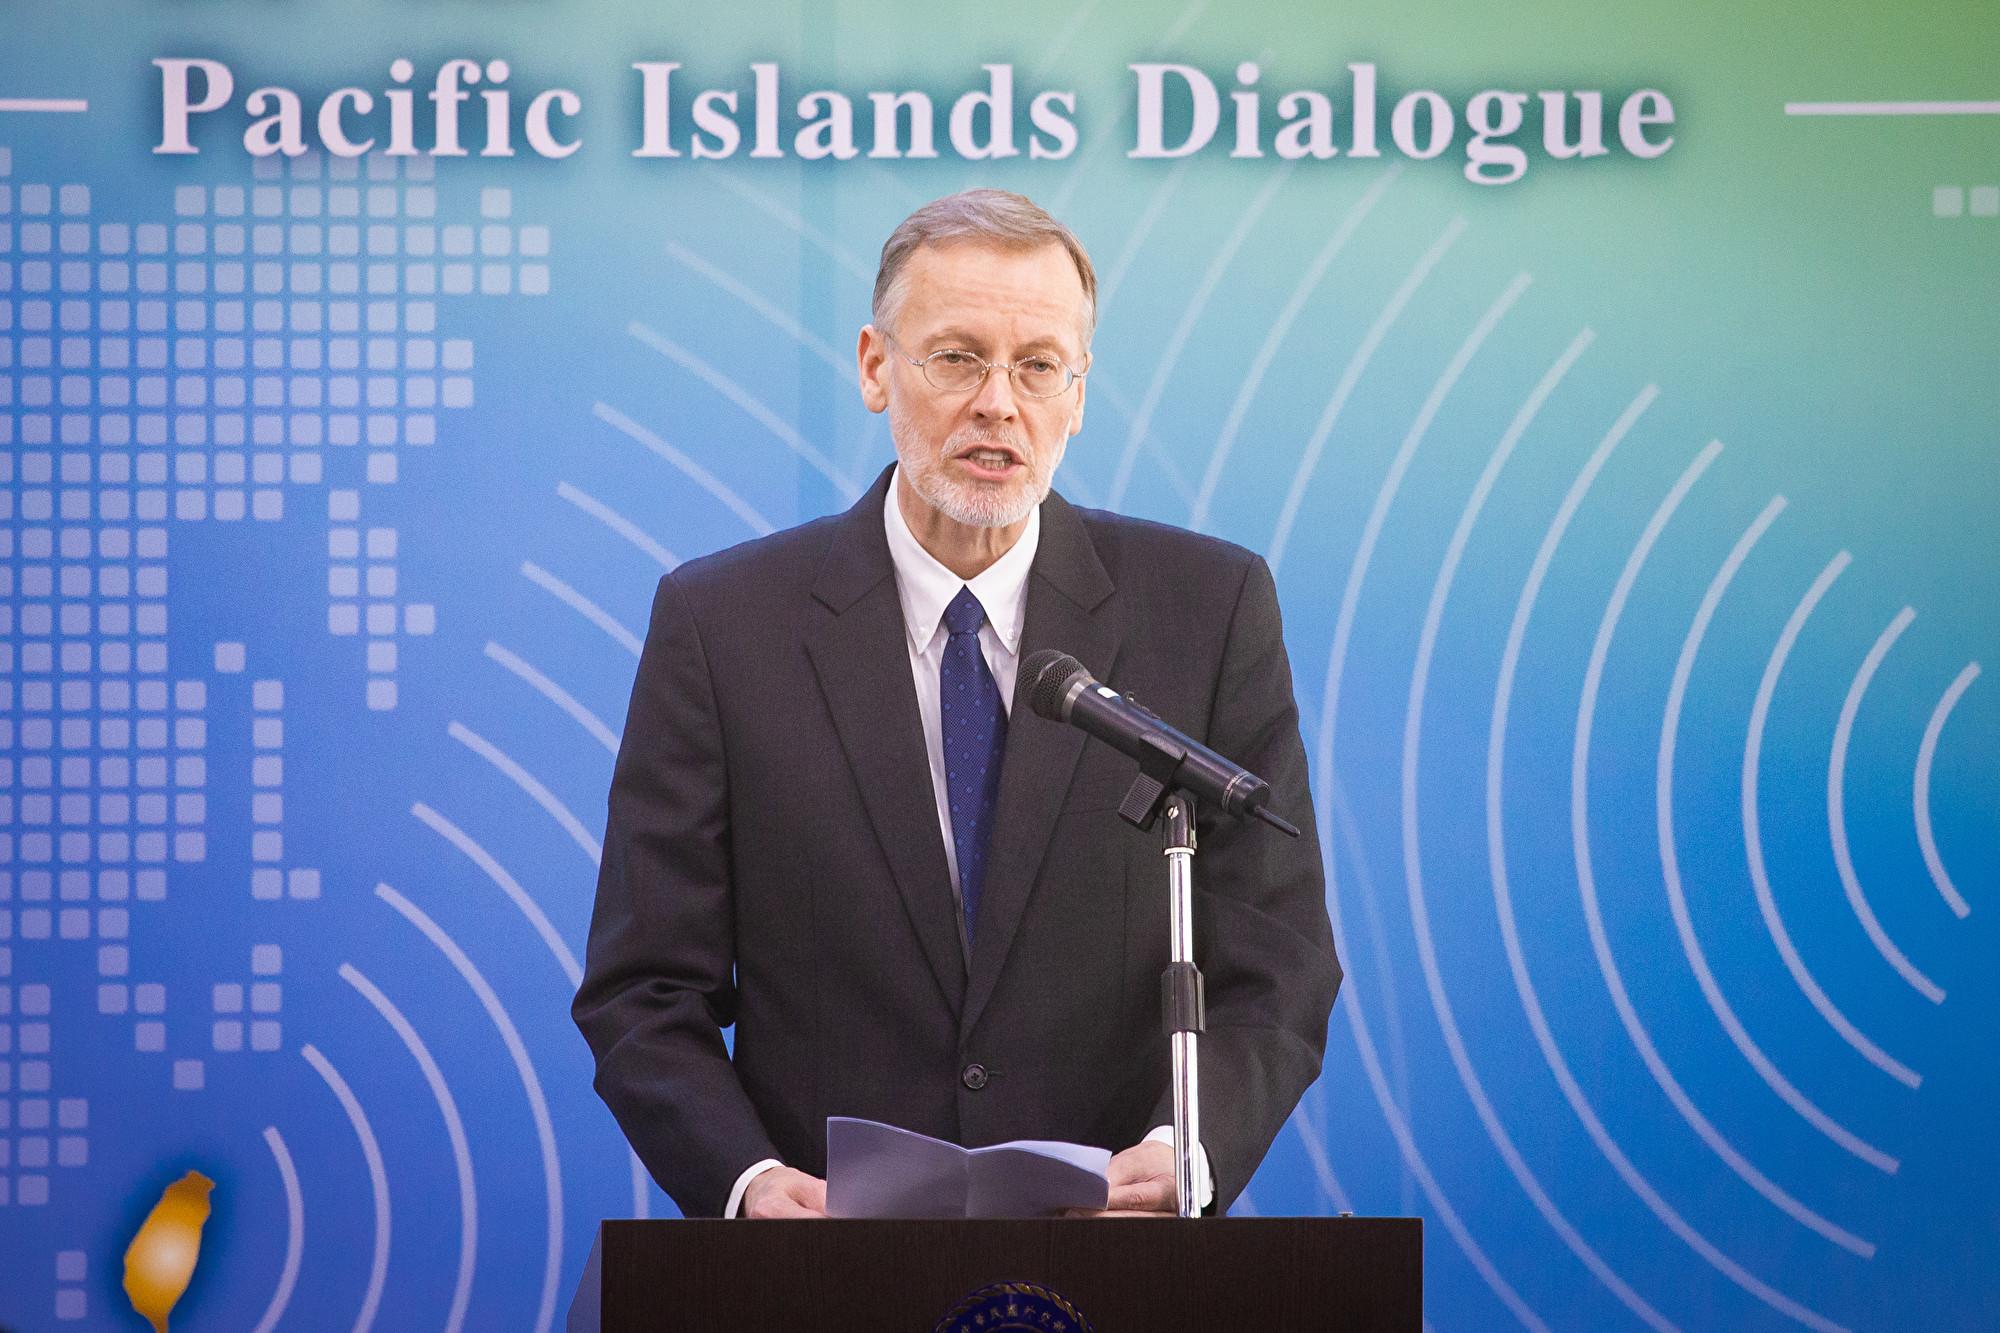 美台首屆「太平洋對話」(Pacific Islands Dialogue)7日在台北登場,美國在台協會(AIT)台北辦事處處長酈英傑(William Brent Christensen)。(陳柏州/大紀元)